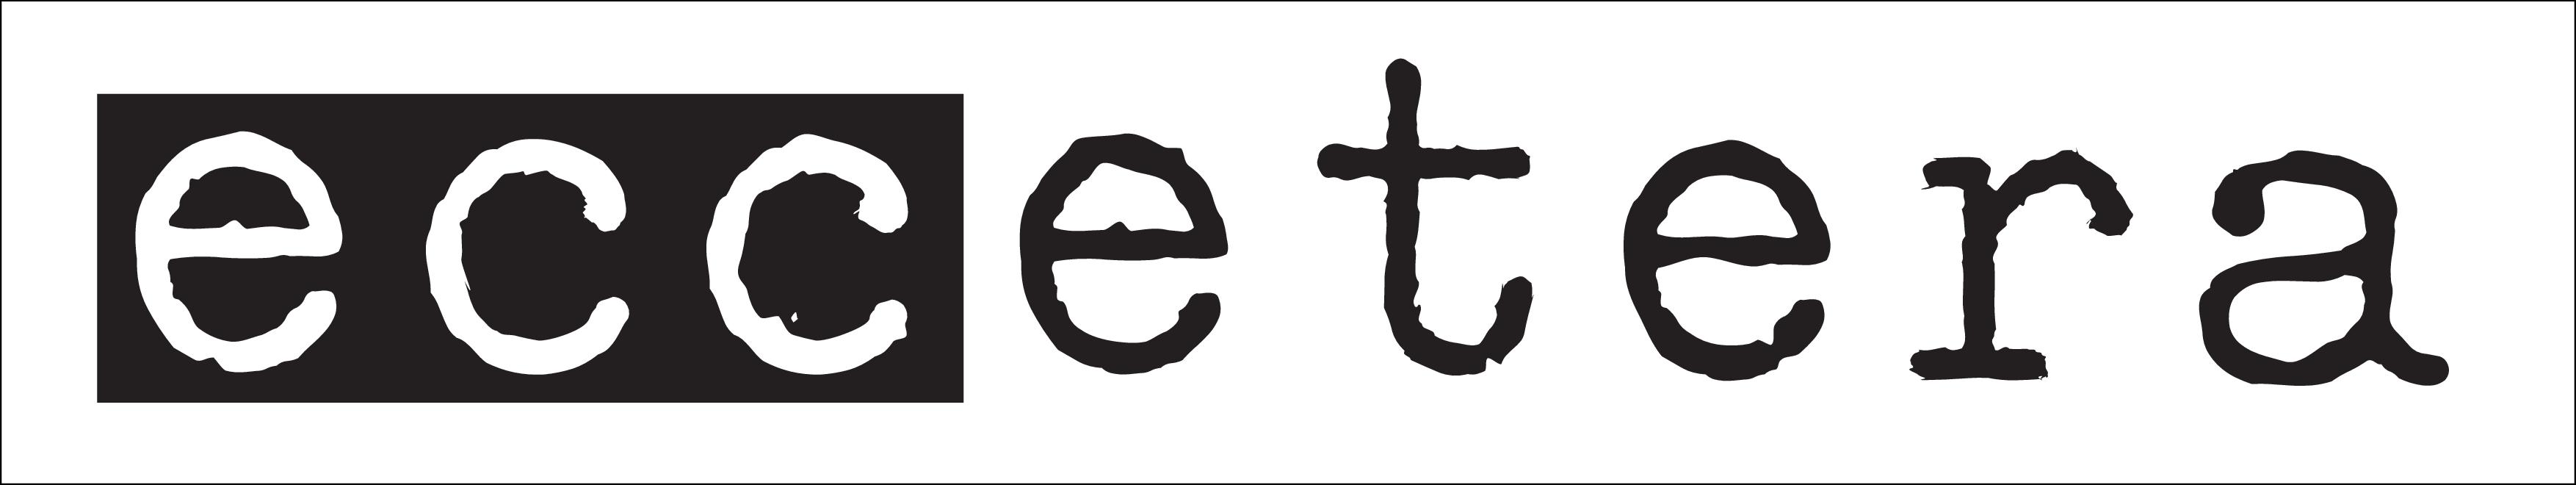 ECCETERA